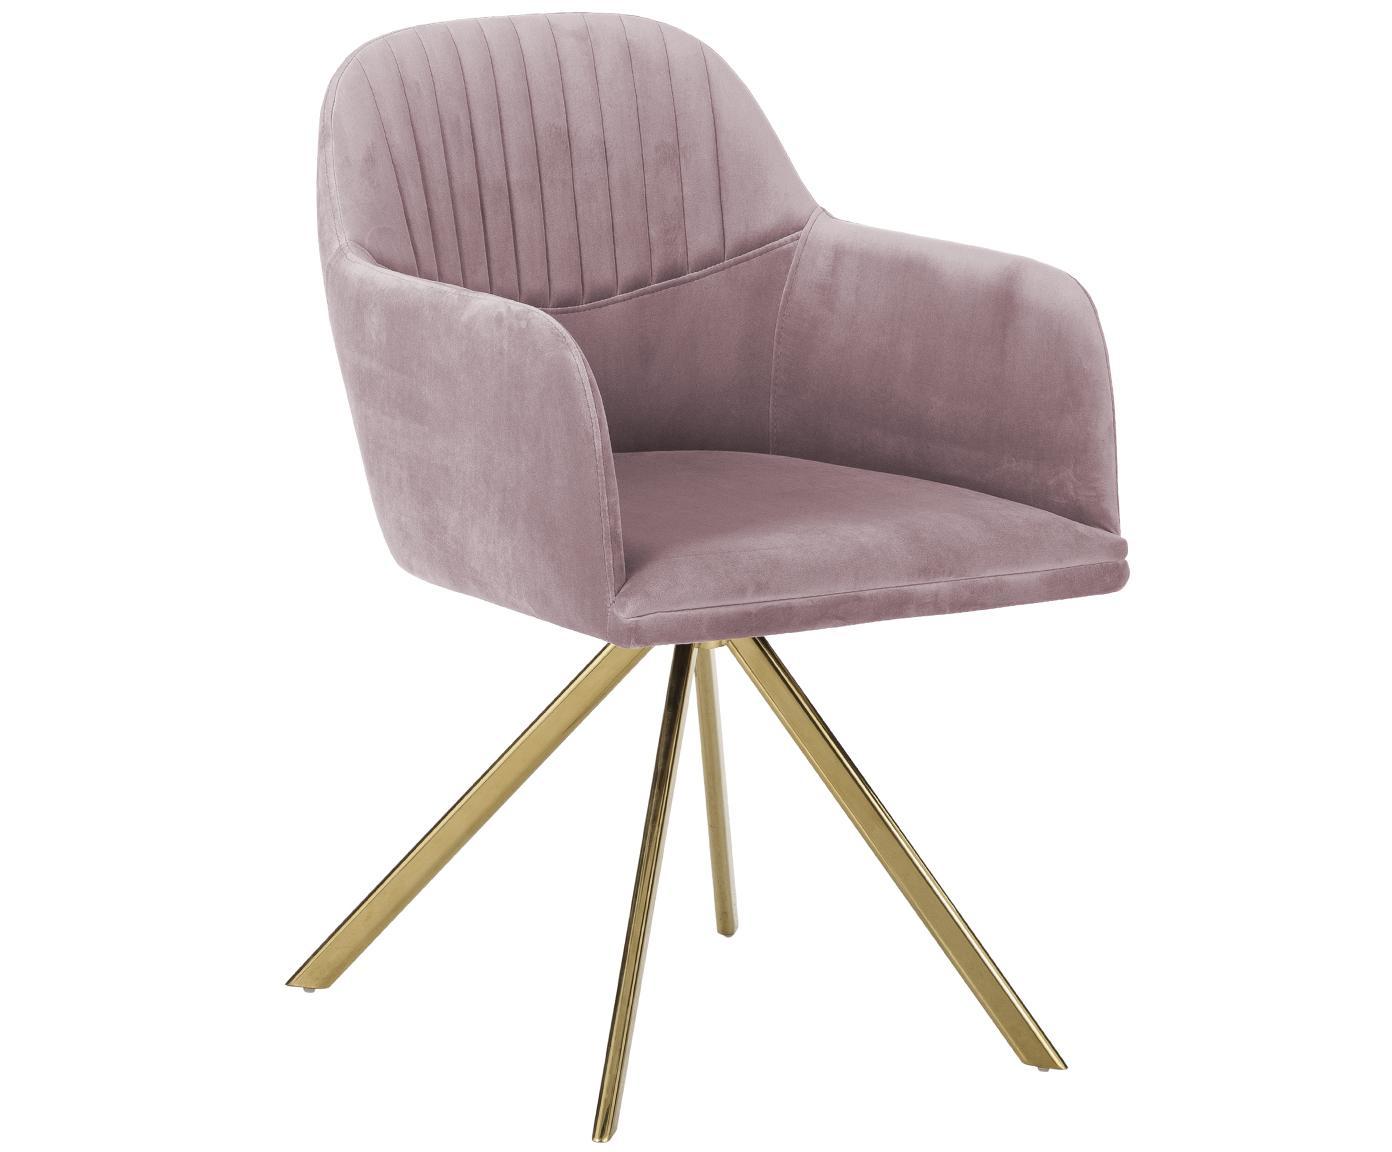 Sedia girevole in velluto con braccioli Lola, Rivestimento: velluto (100% poliestere), Gambe: metallo, zincato, Velluto malva, gambe oro, Larg. 55 x Prof. 52 cm